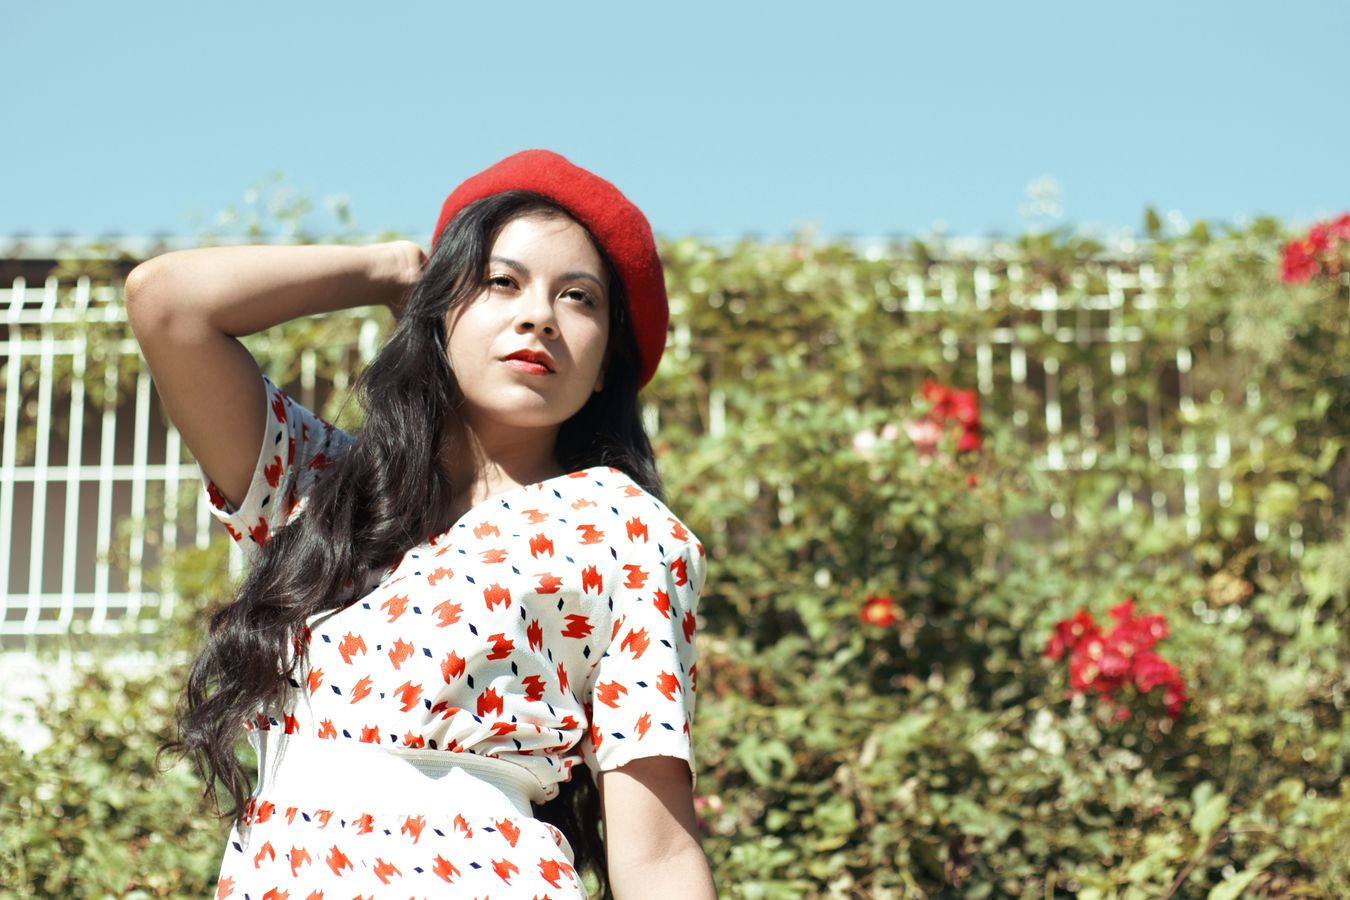 Dans les années 60, Ana attend le train sur le quai de la gare. Les motifs de sa robe vintage sont coordonnées avec les fleurs derrière elle.